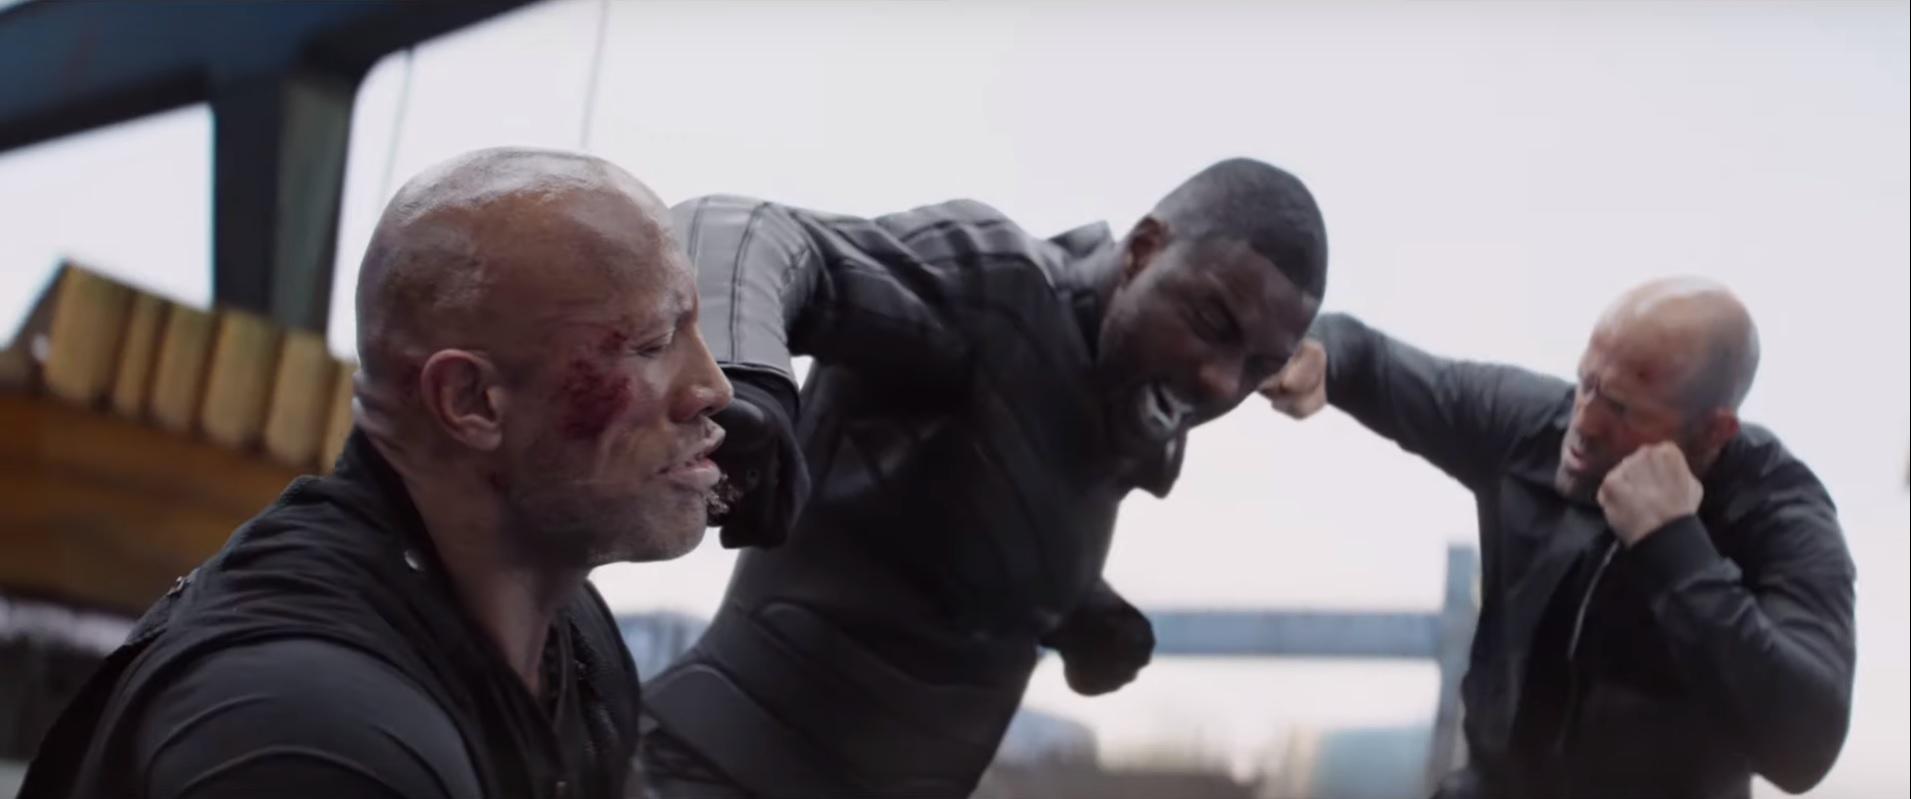 Szybcy i wściekli: Hobbs i Shaw - pełny zwiastun. Ależ walki i widowisko!